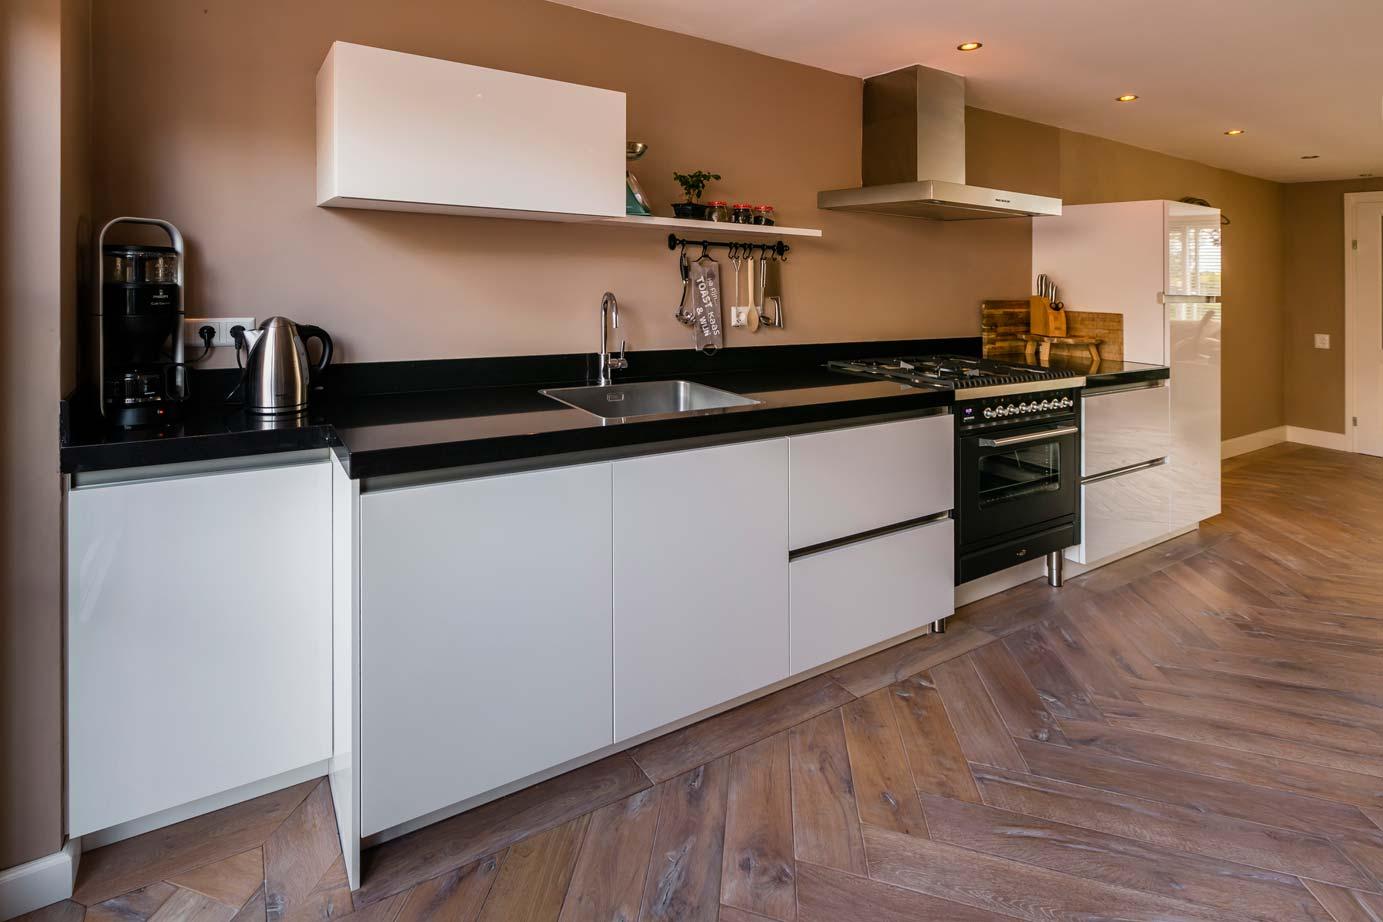 Een moderne keuken kopen op urk lees klantervaring db keukens